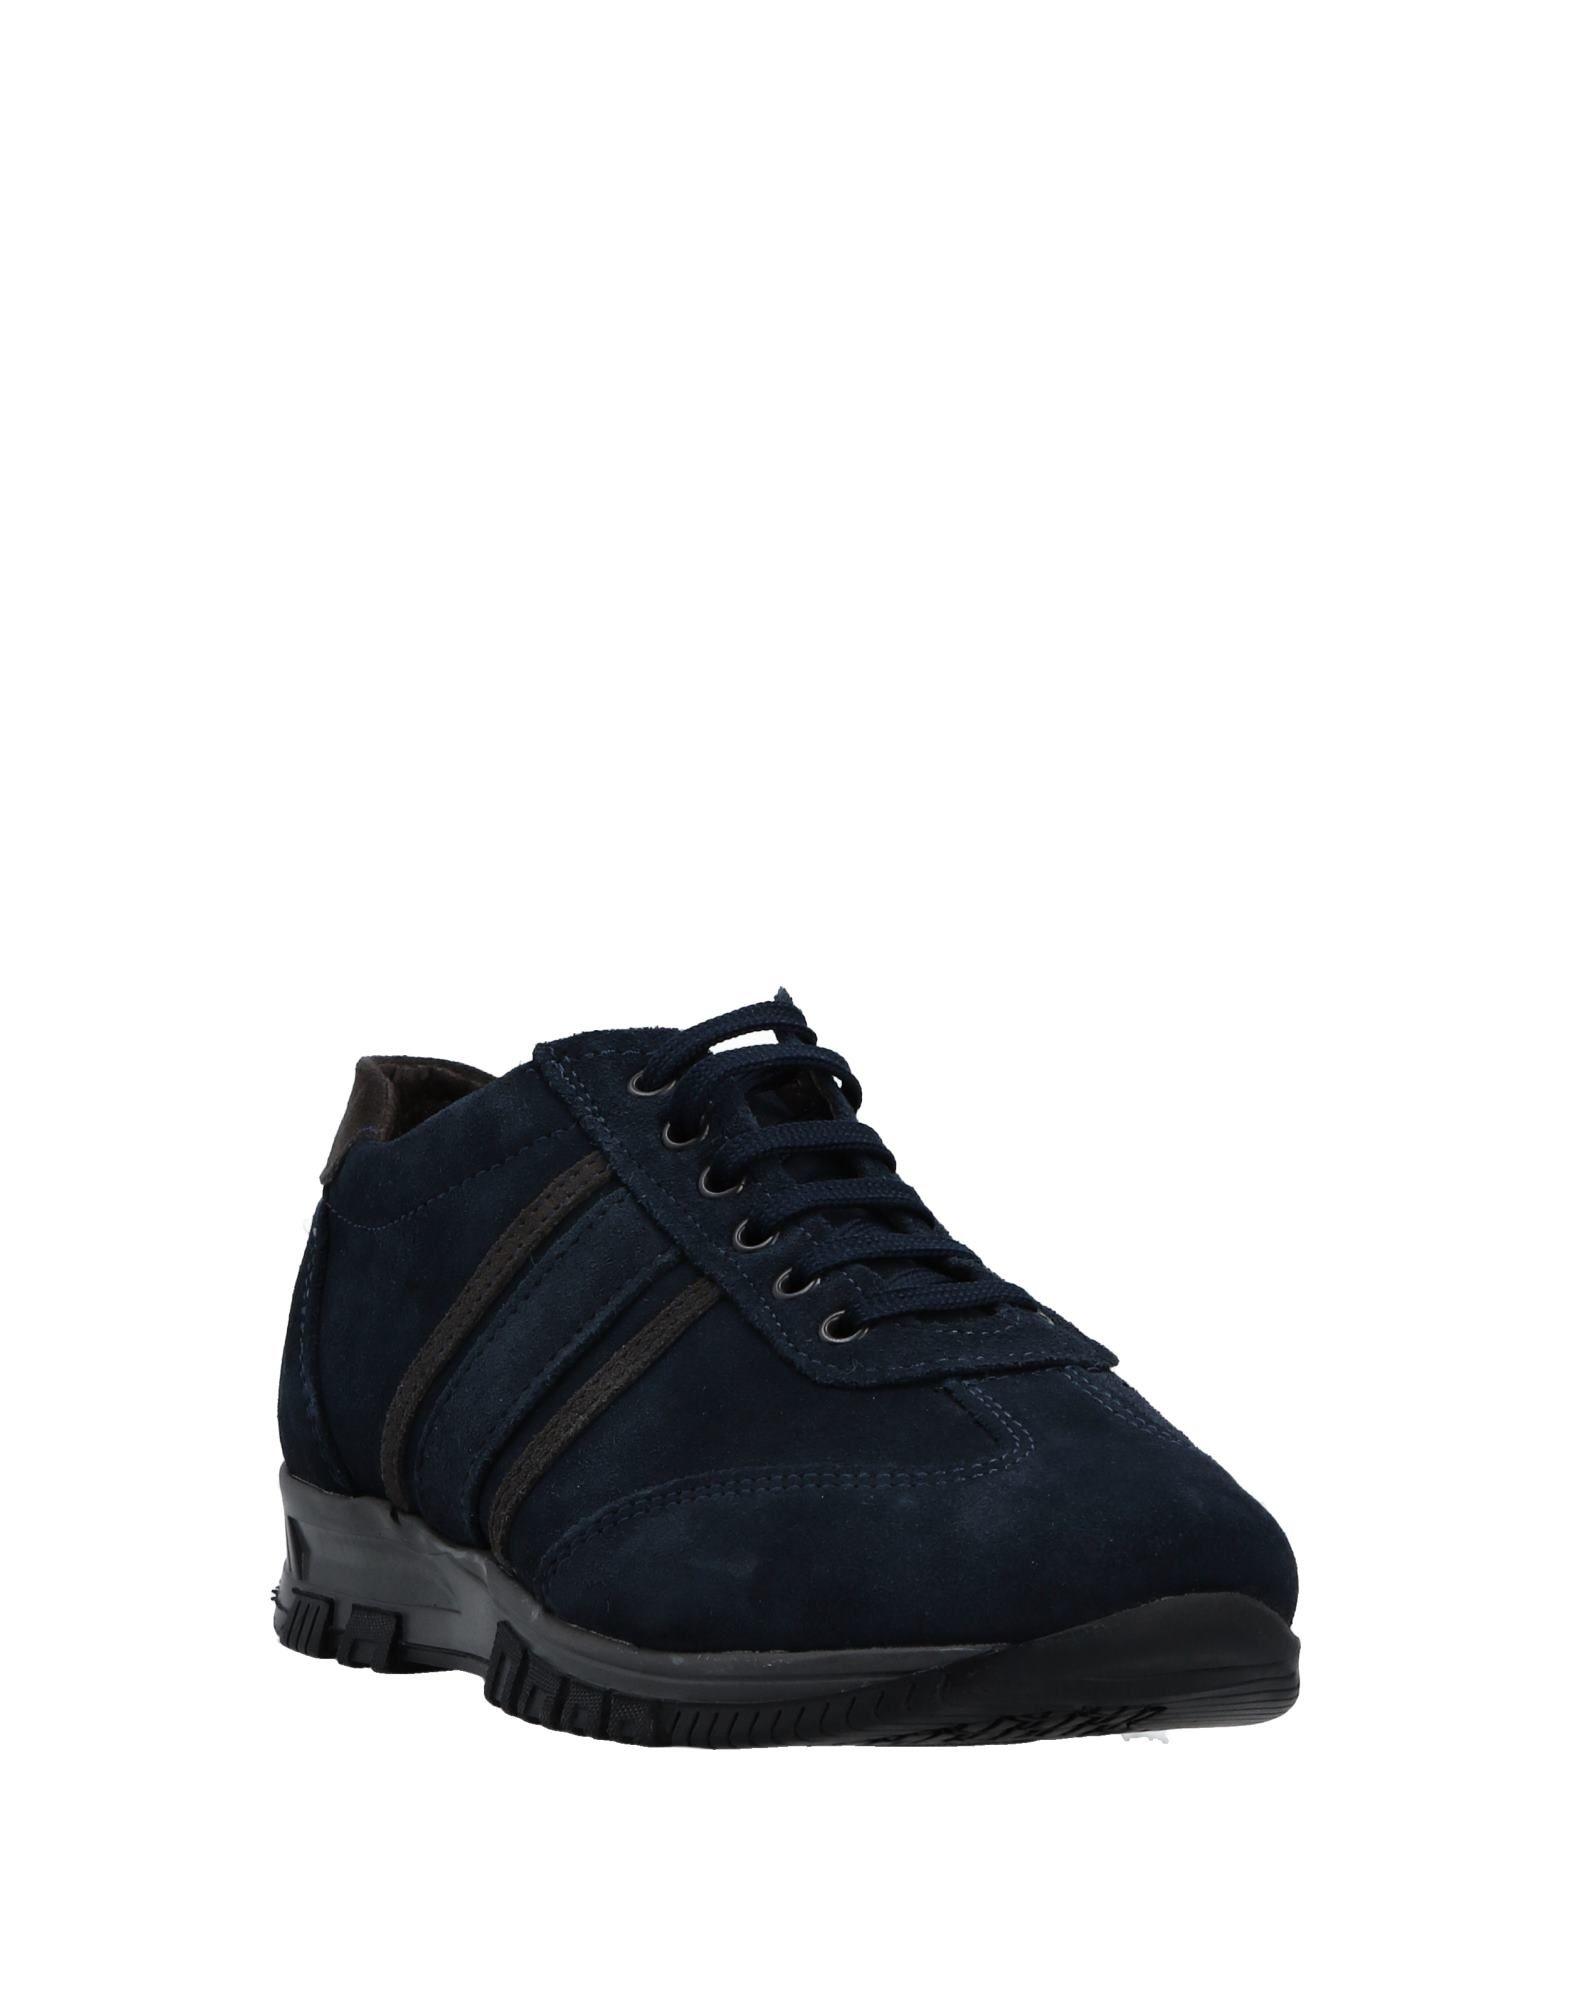 Rabatt echte Schuhe Roberto  Della Croce Sneakers Herren  Roberto 11529894RM 49a840